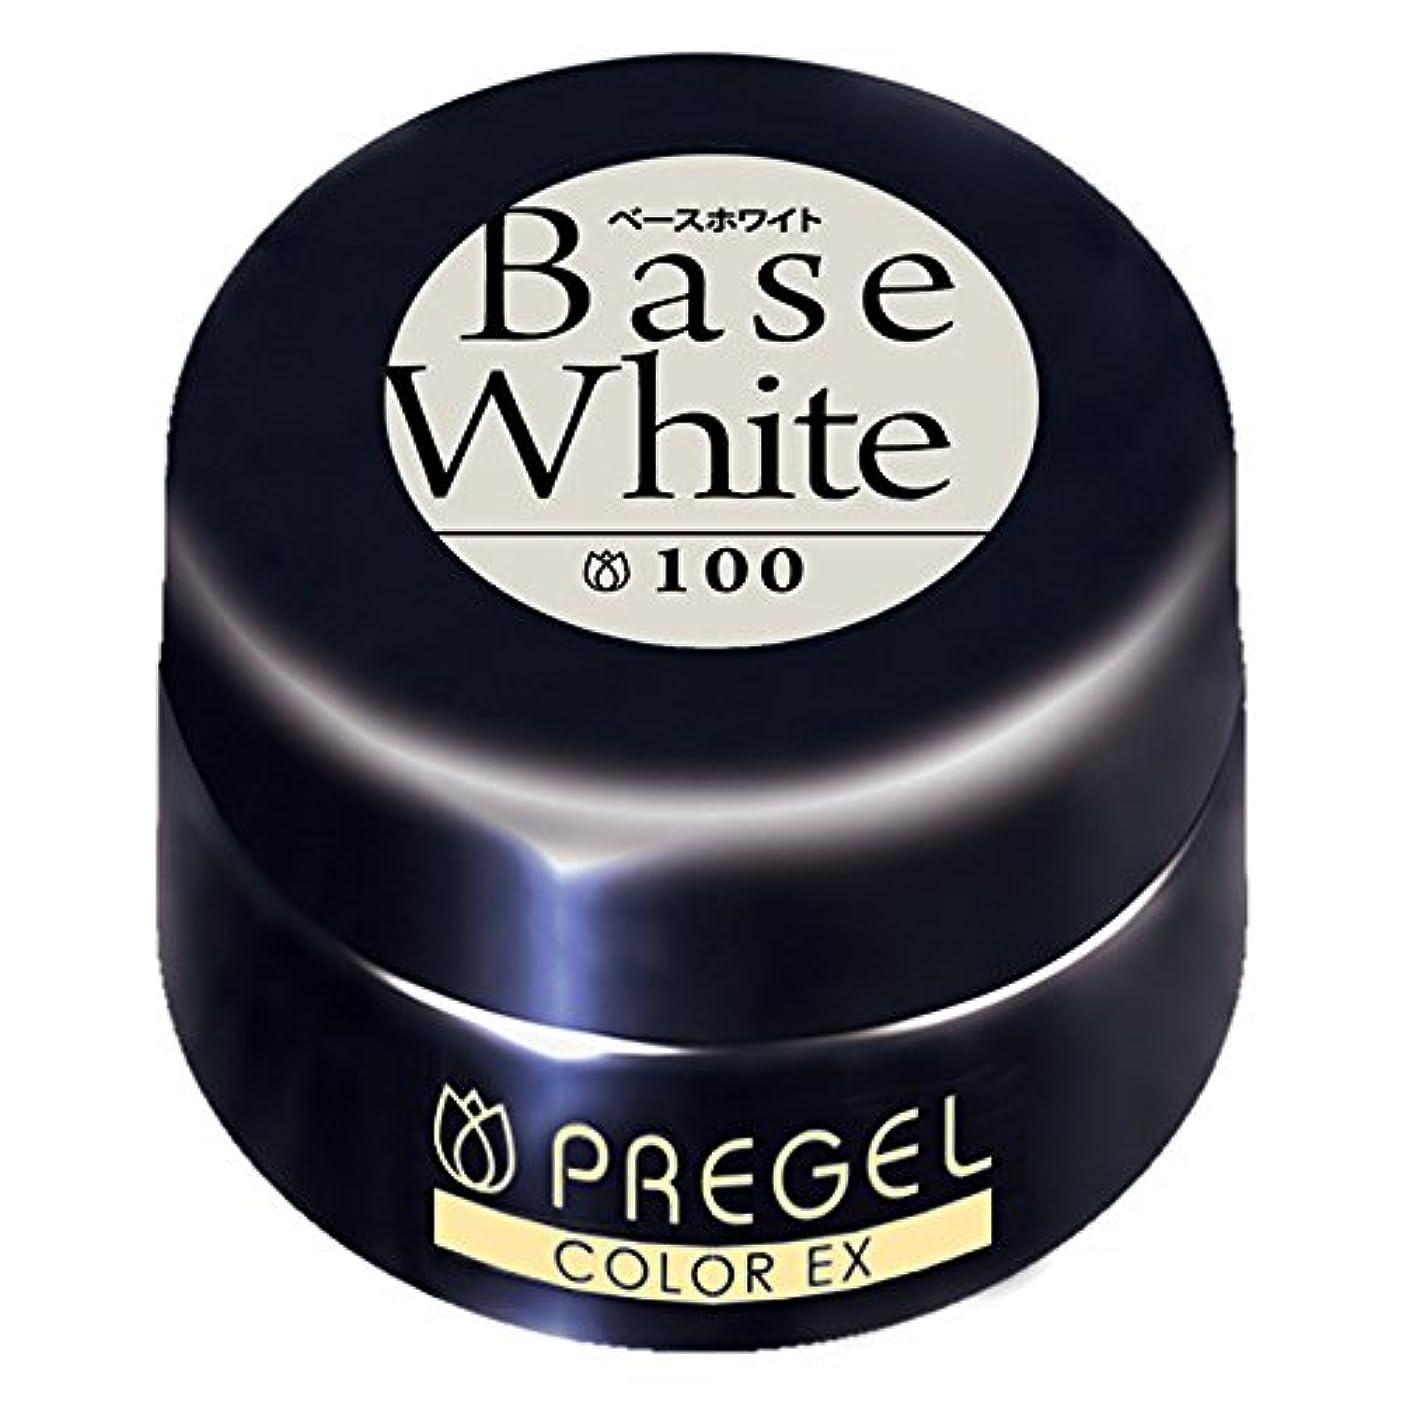 常に溶かす異邦人プリジェル ジェルネイル プリジェル ジェルネイル カラーEX ベースホワイト100 4g カラージェル UV/LED対応